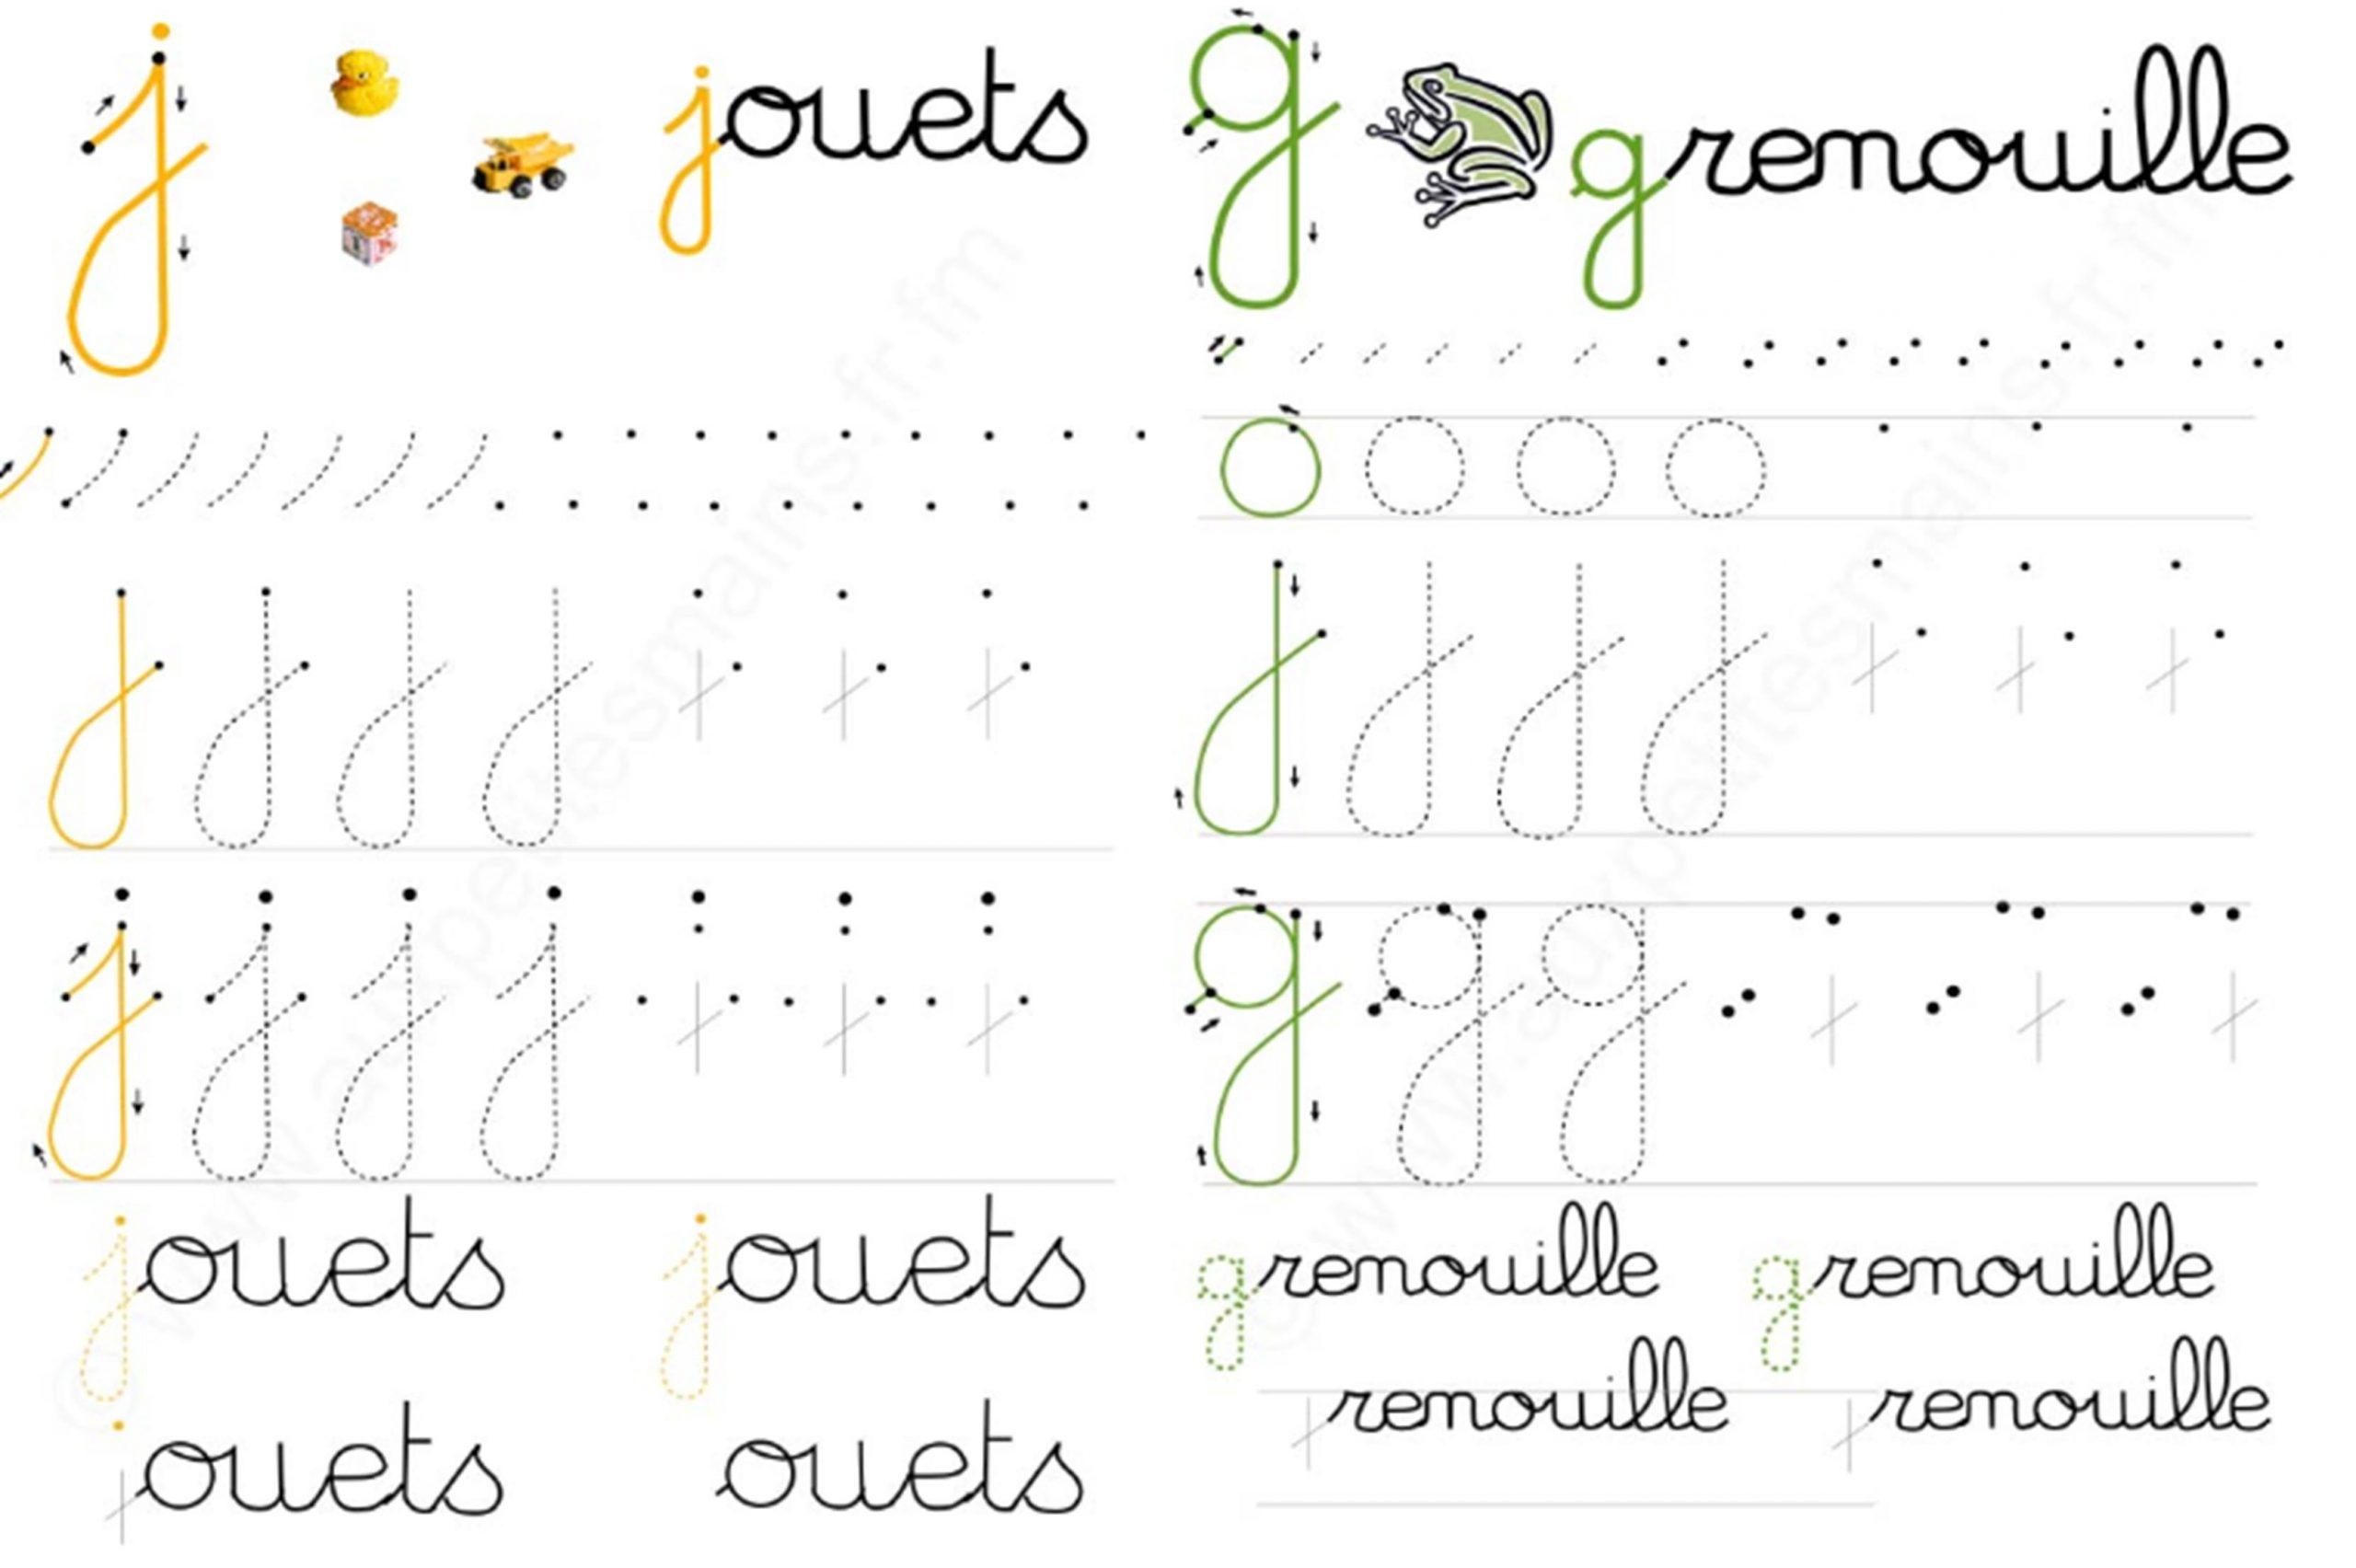 Fichier D'écriture Grande Section | Le Blog De Monsieur Mathieu dedans Exercice Graphisme Cp